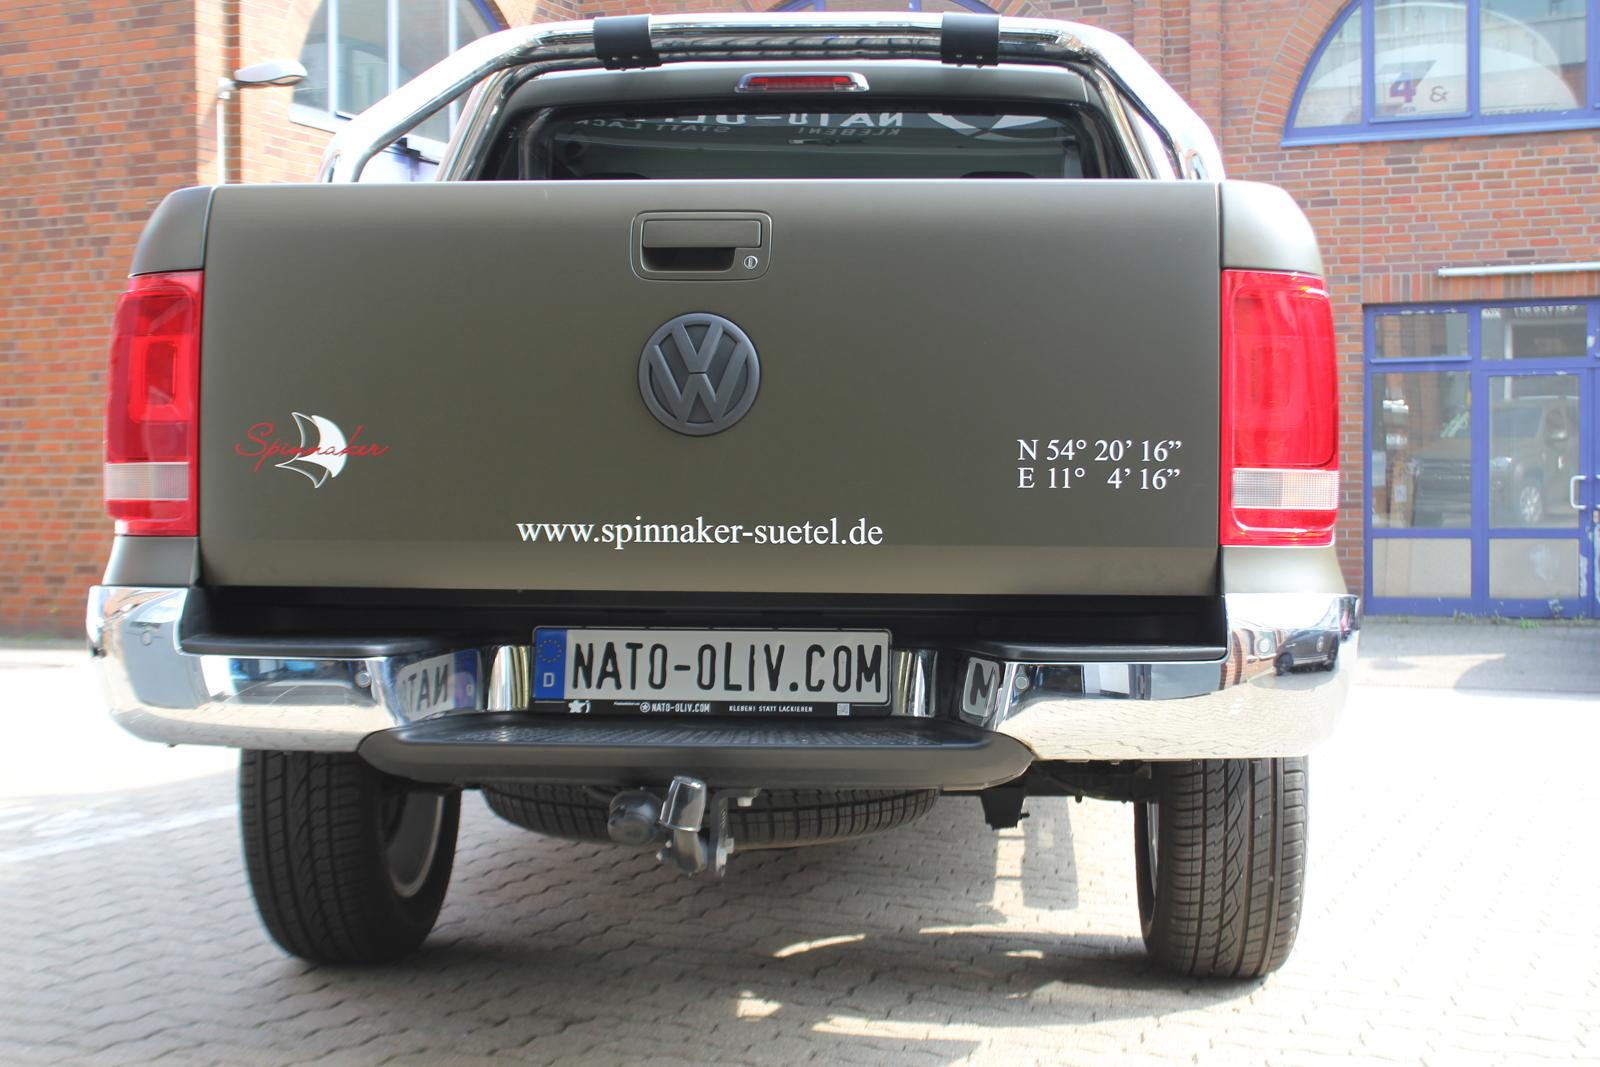 VW_AMAROK_FOLIERUNG_NATO-OLIV_MATT_BESCHRIFTUNG_11